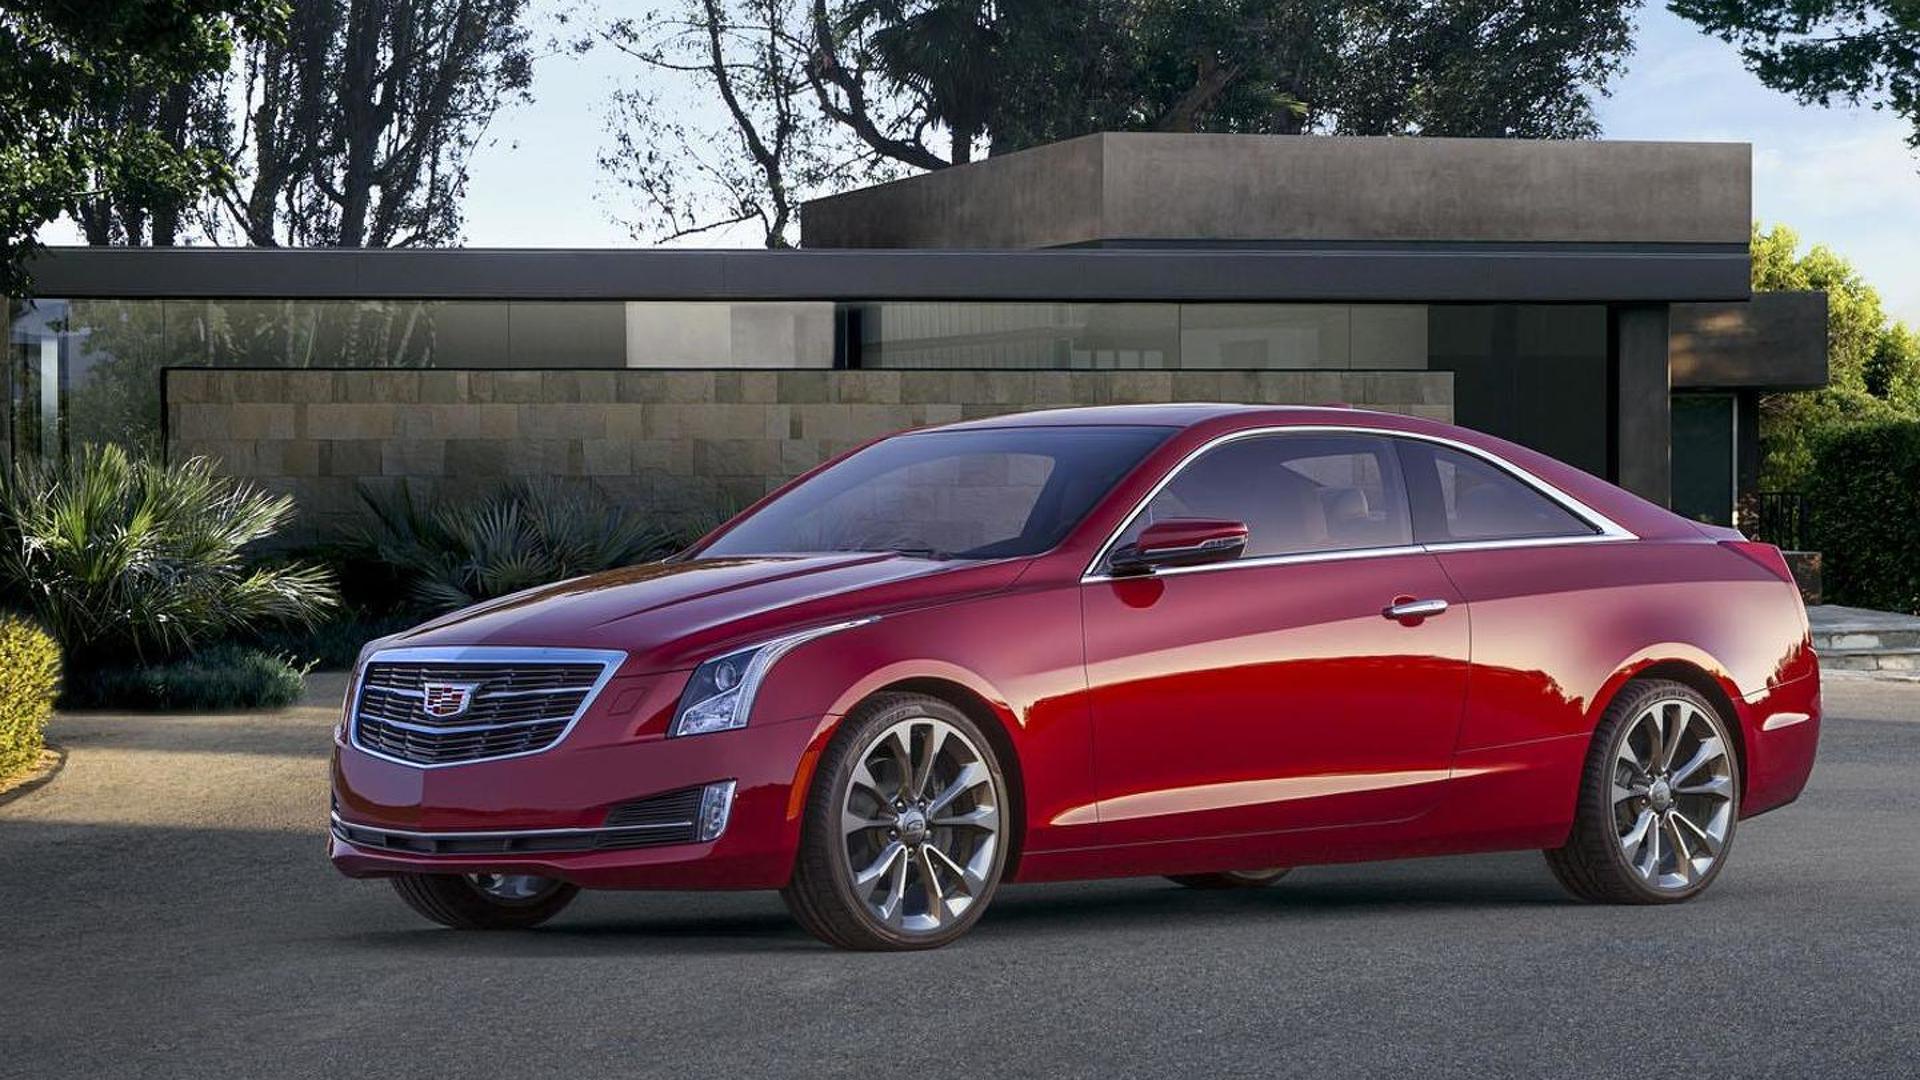 Cadillac не планирует полностью отказываться от типа кузова купе